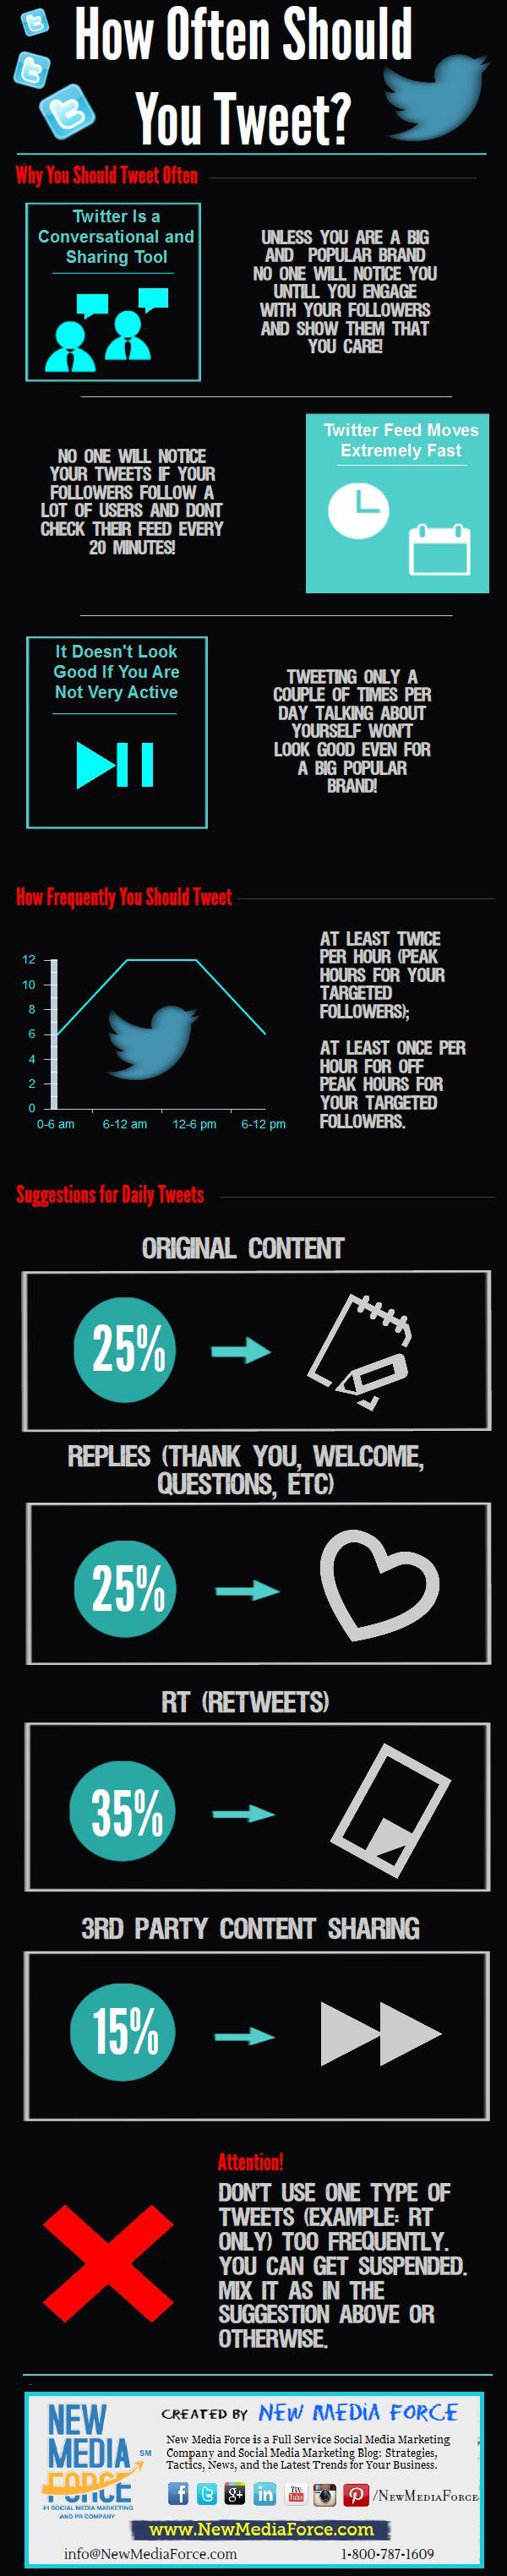 How Often Should You #Tweet Infographic